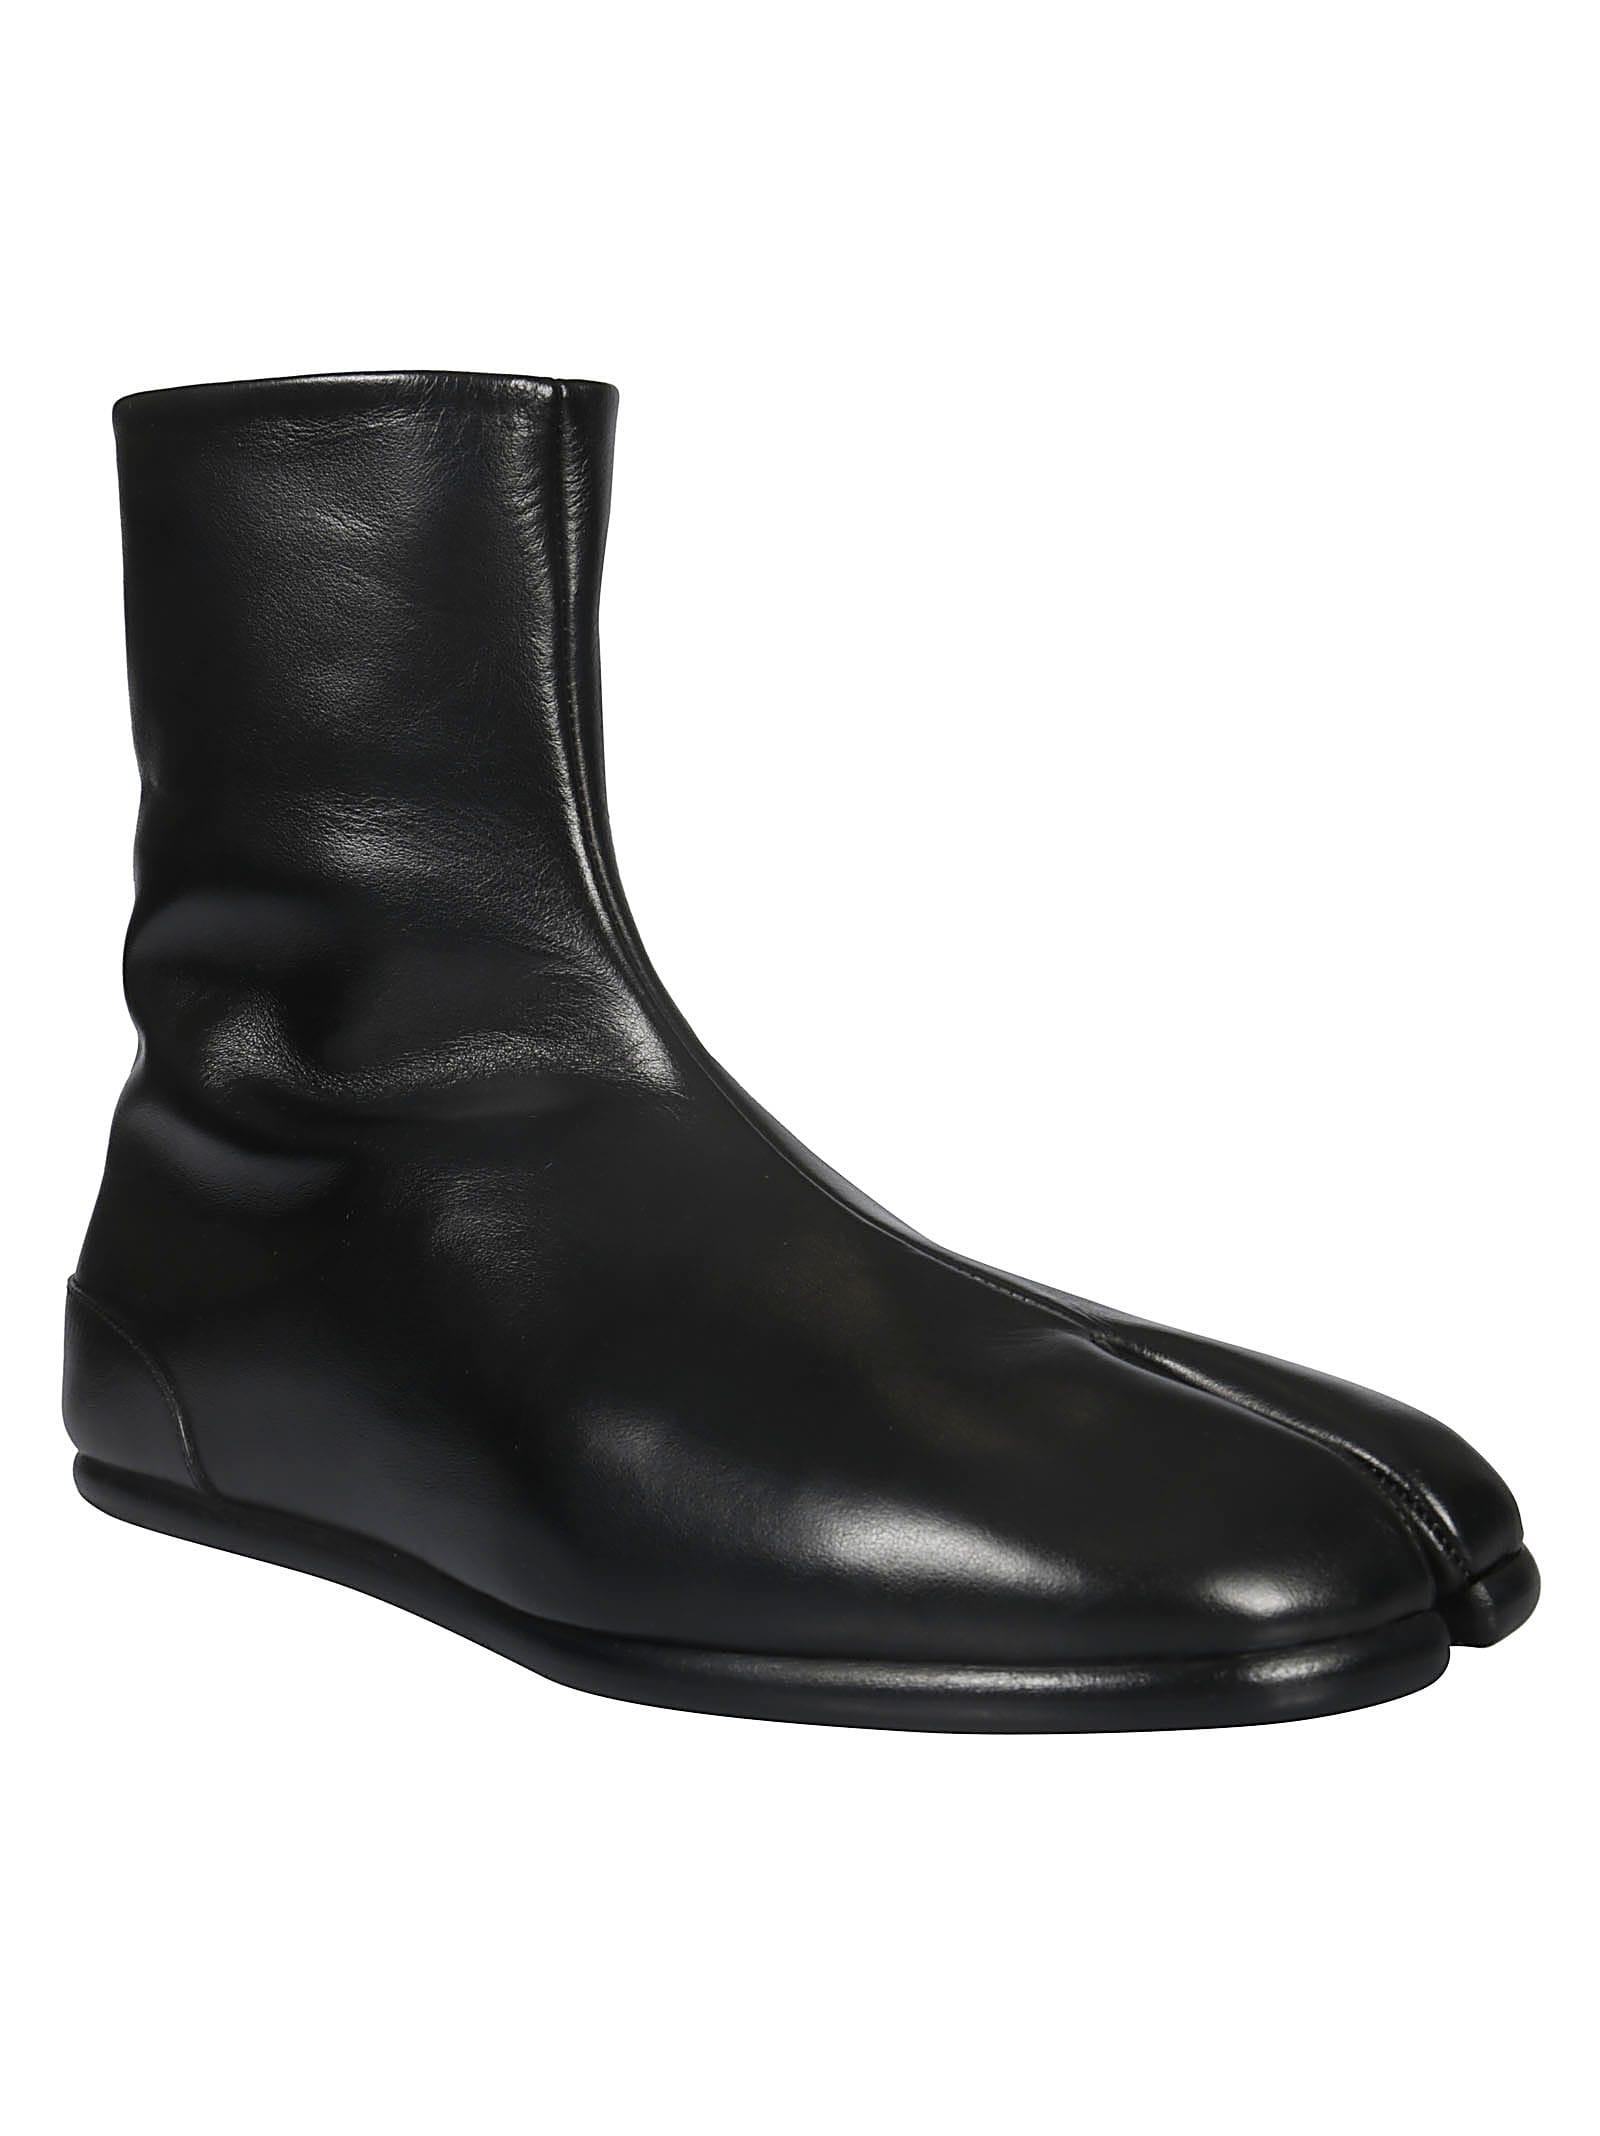 44be5ecc8fa Maison Margiela Tabi Ankle Boots